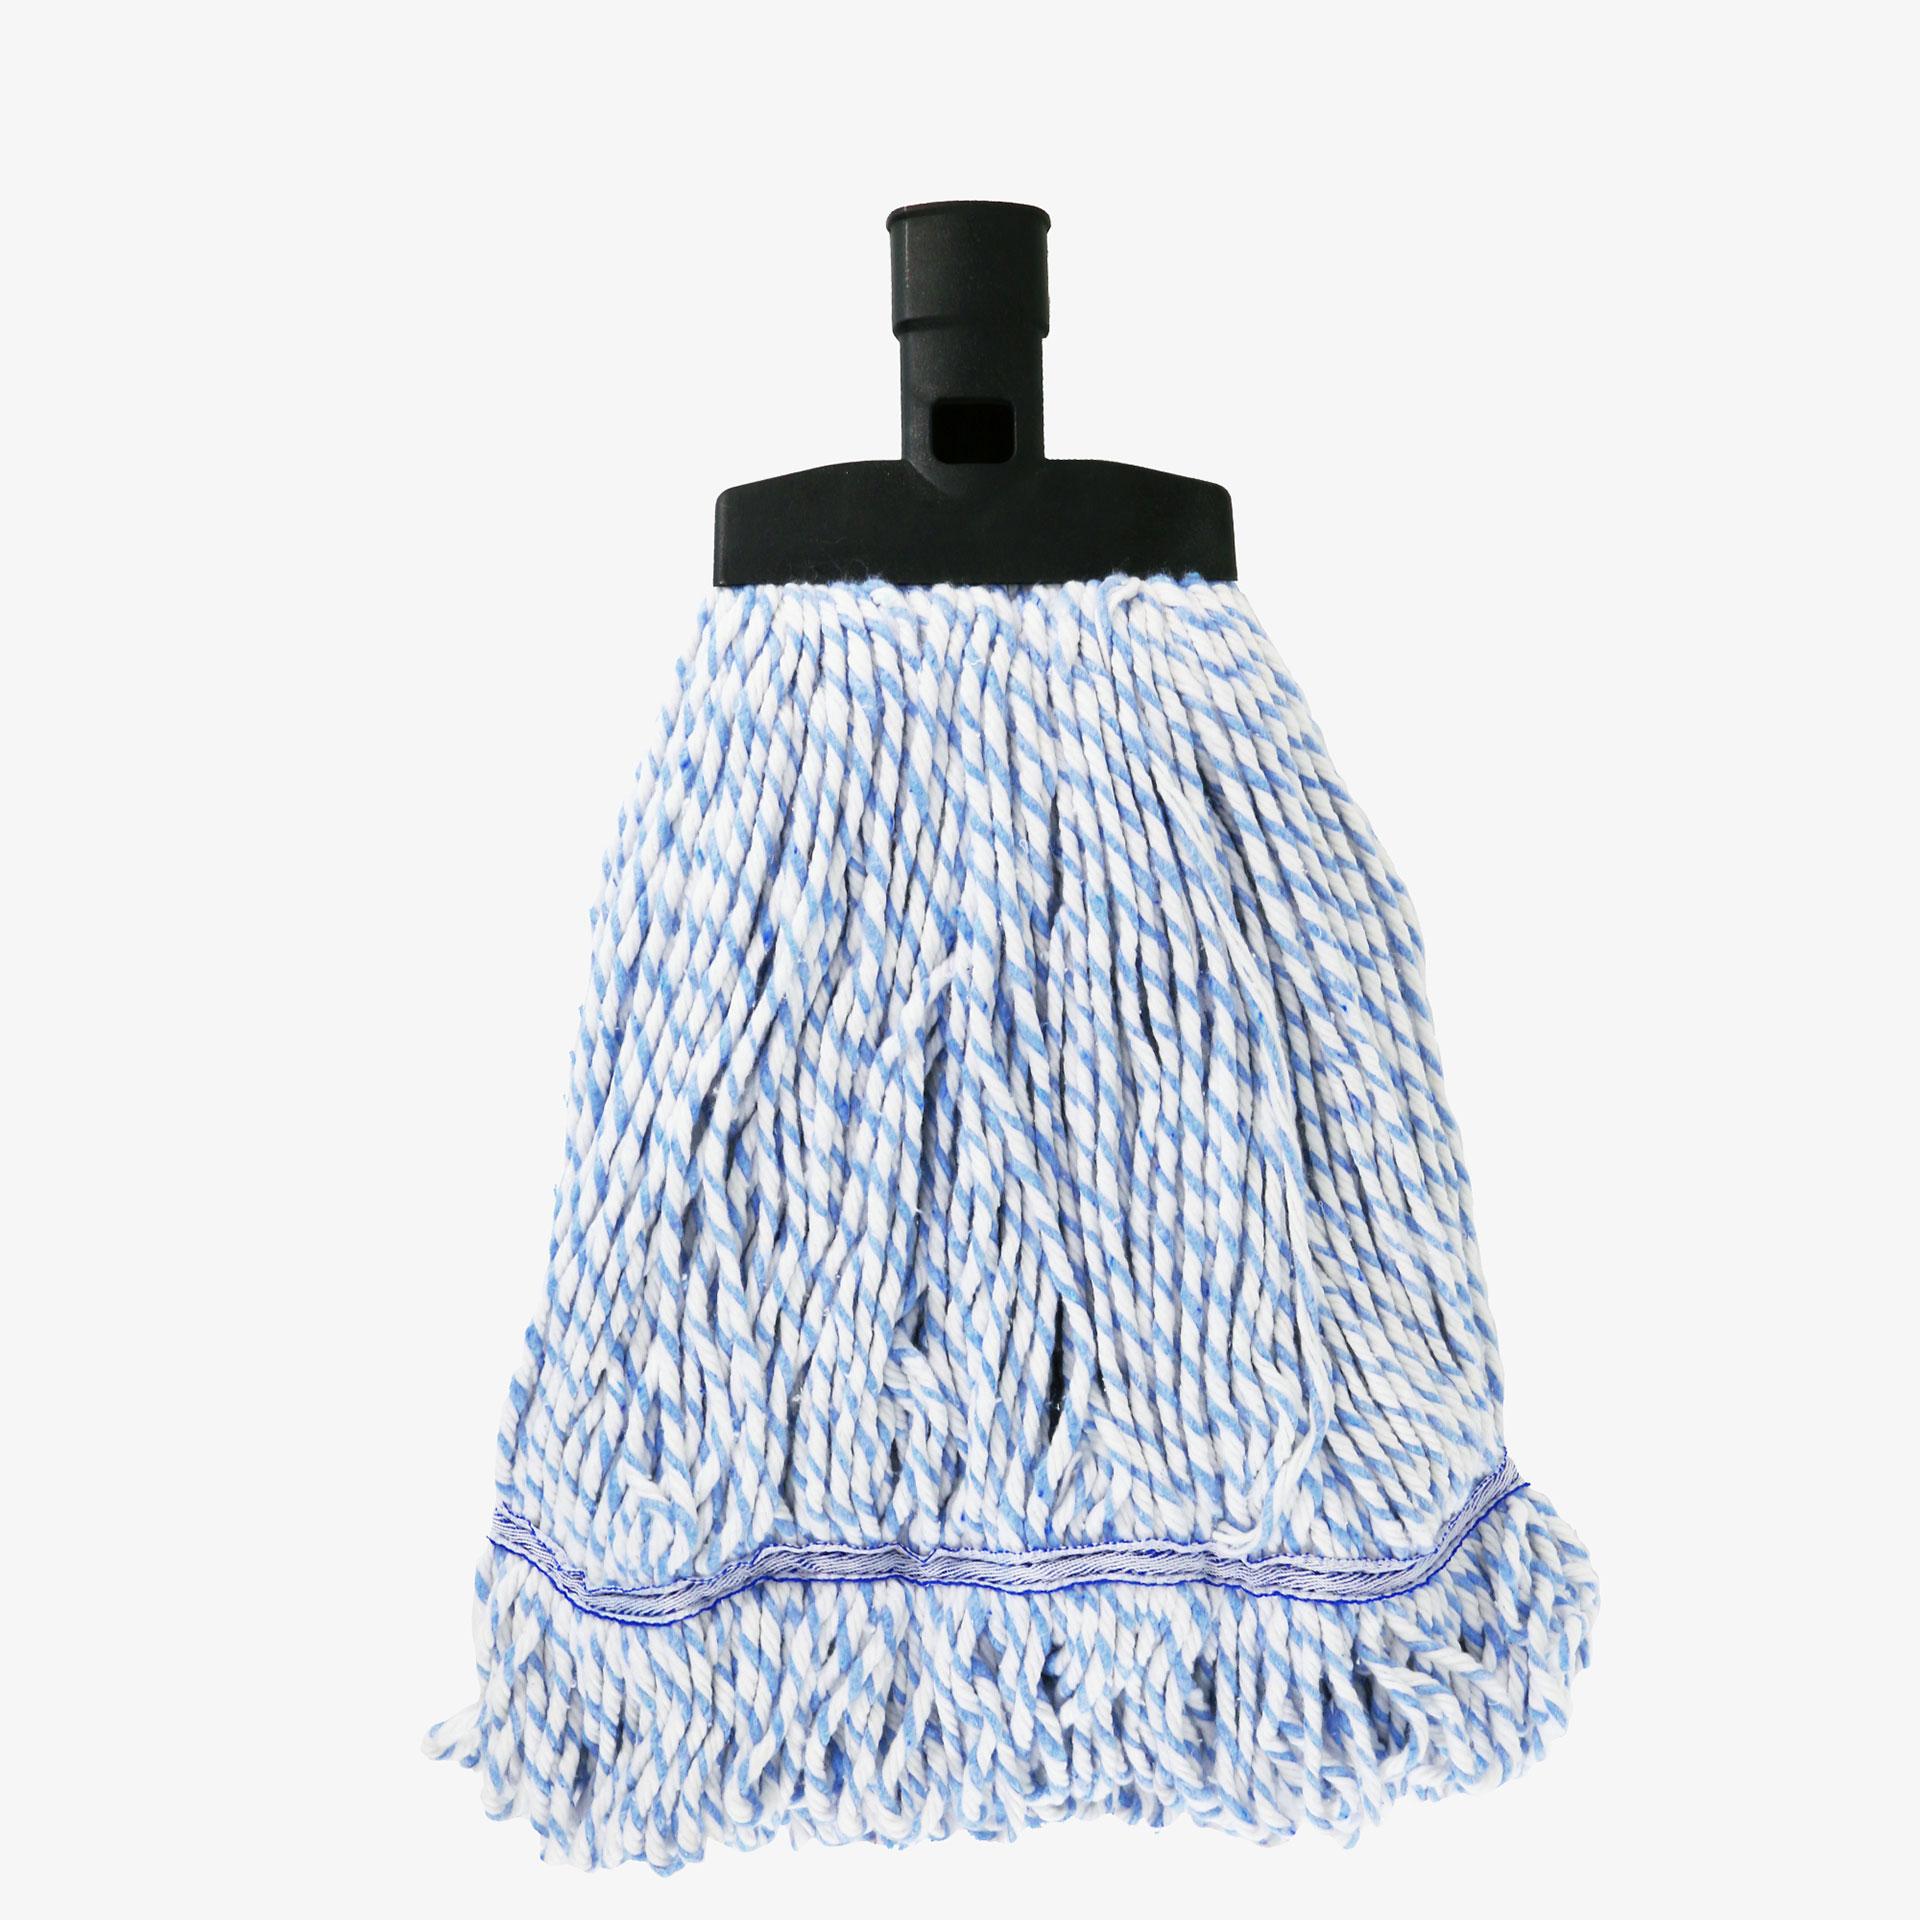 Cotton Blend Mop